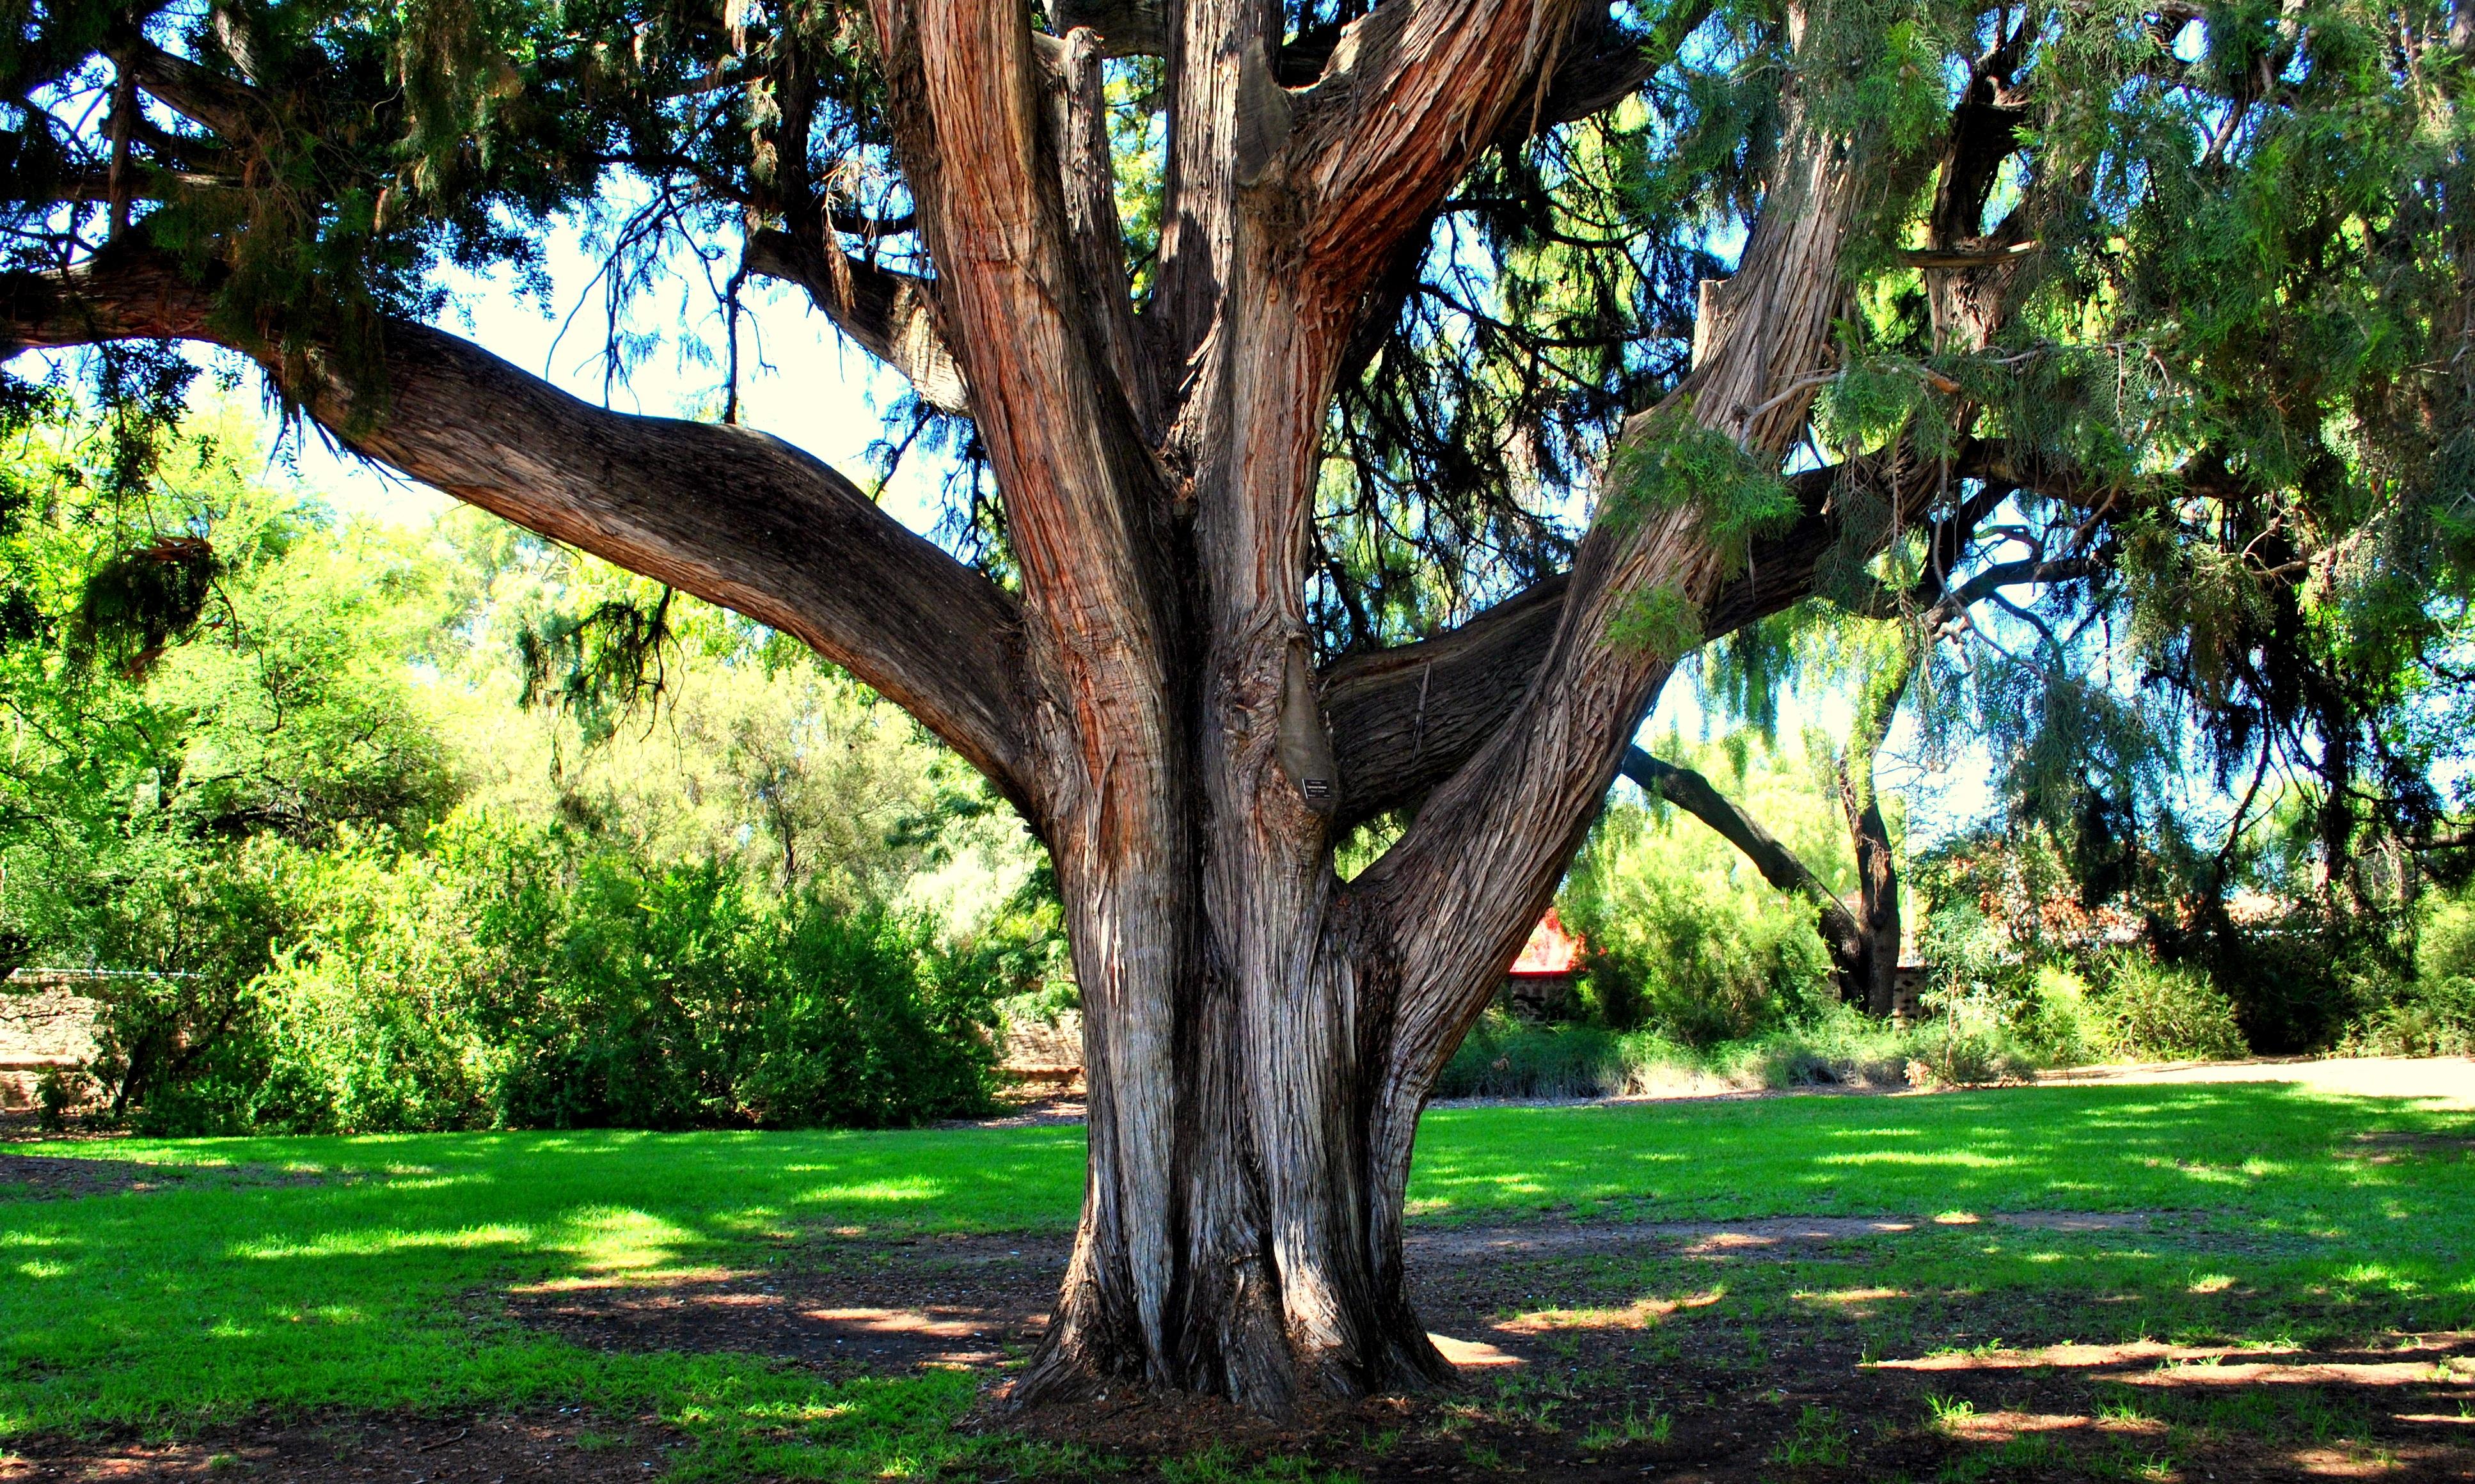 Plantas De Selva Alta: Fotos Gratis : árbol, Naturaleza, Bosque, Rama, Hoja